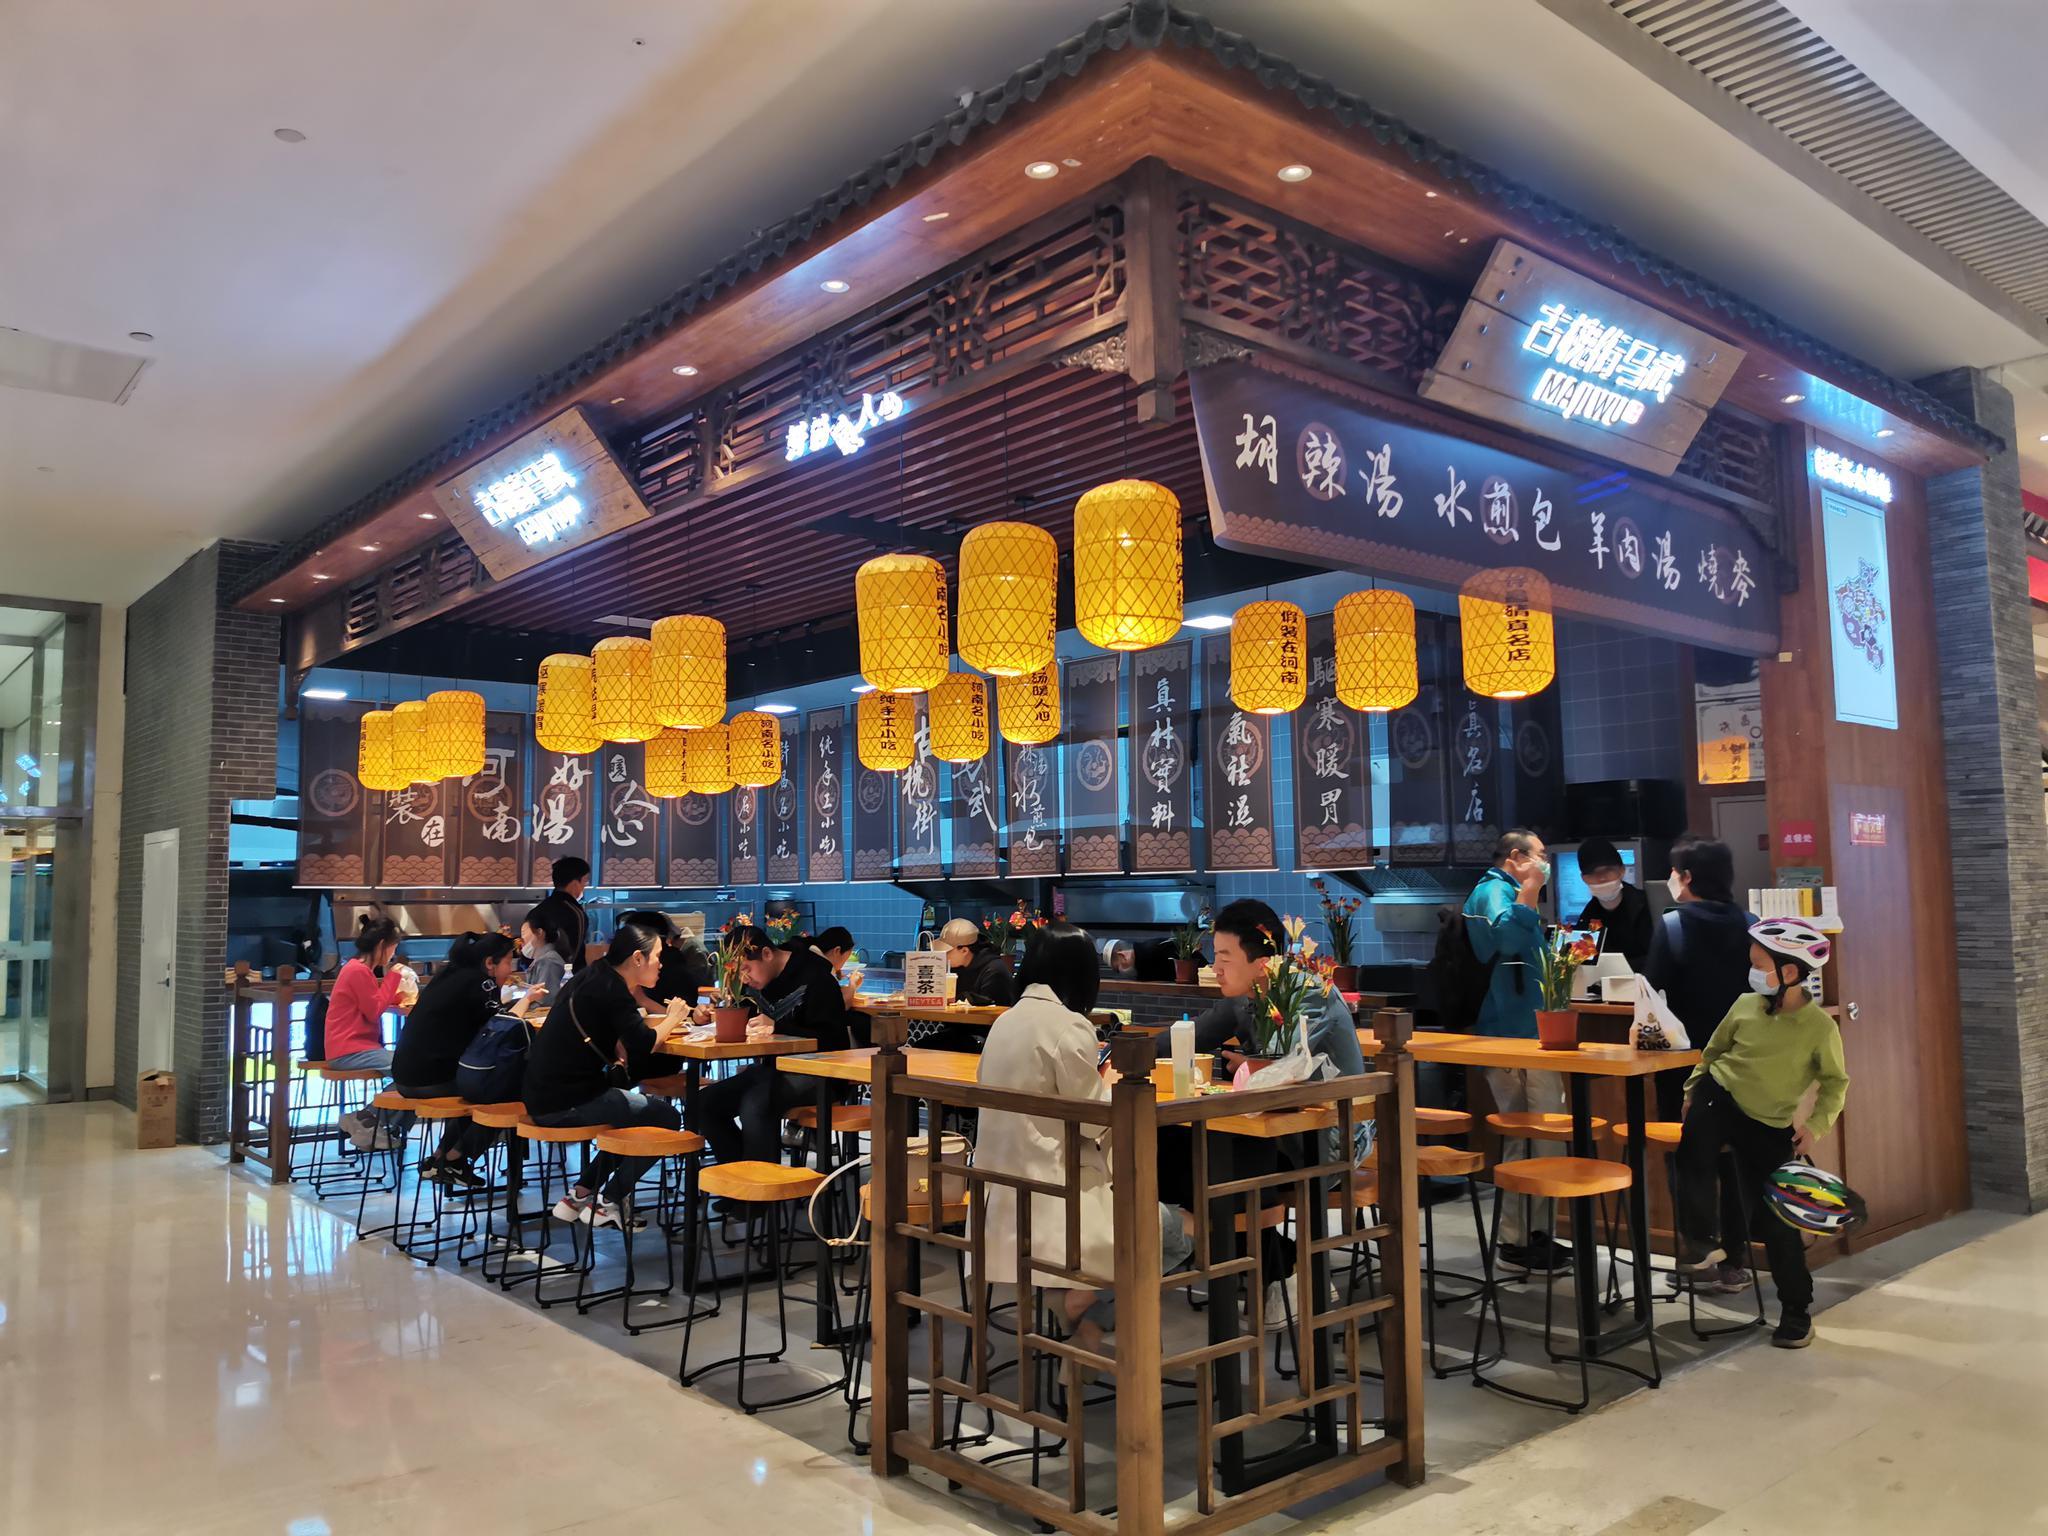 防疫探访│多举措刺激消费,清明小长假北京餐饮业回暖图片